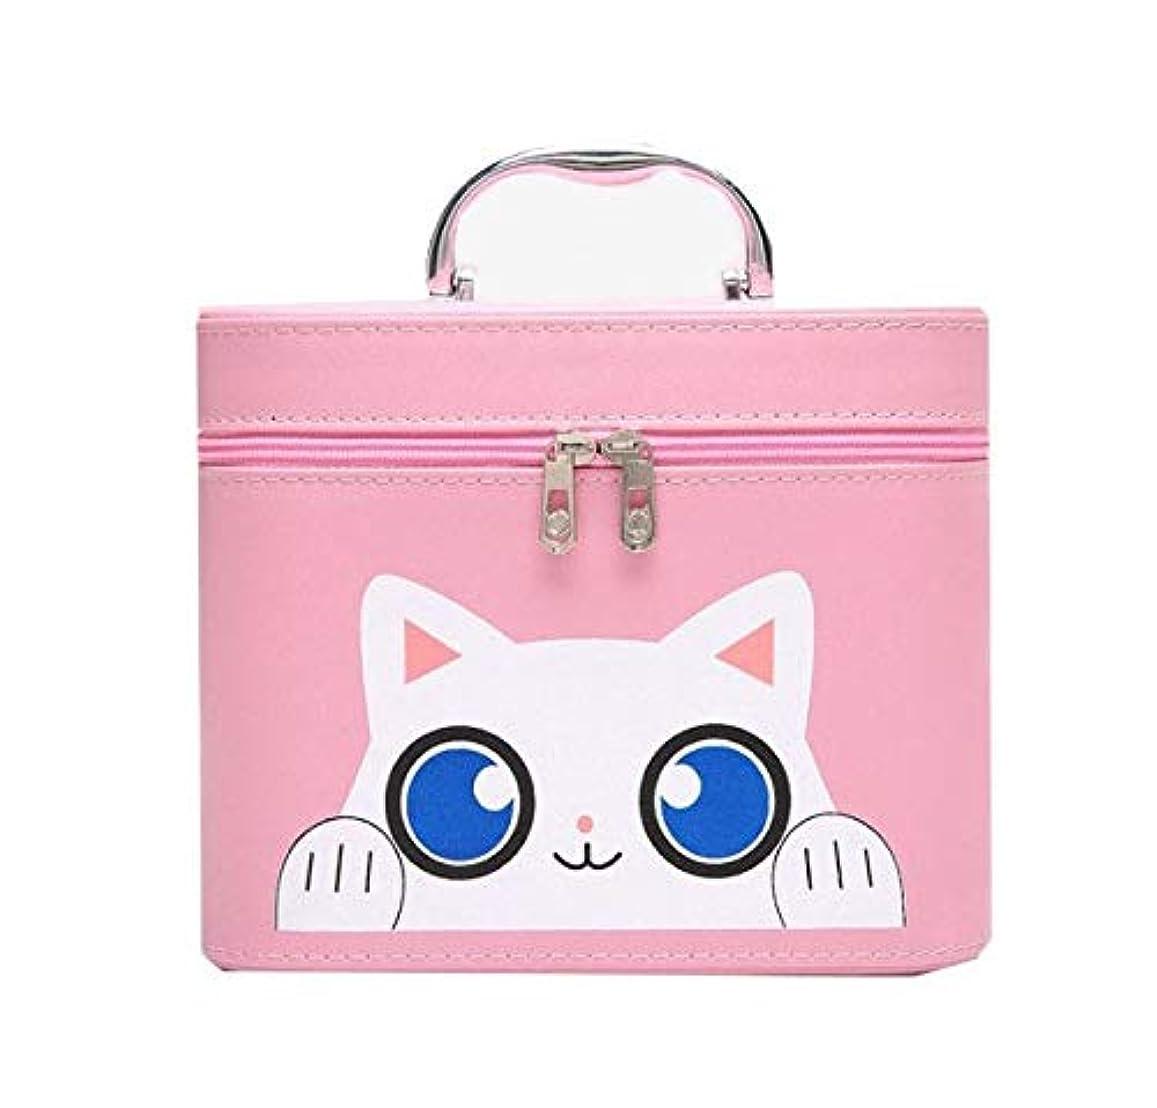 化粧箱、大容量漫画猫化粧品ケース、ポータブル旅行化粧品ケース、美容ネイルジュエリー収納ボックス (Size : S)